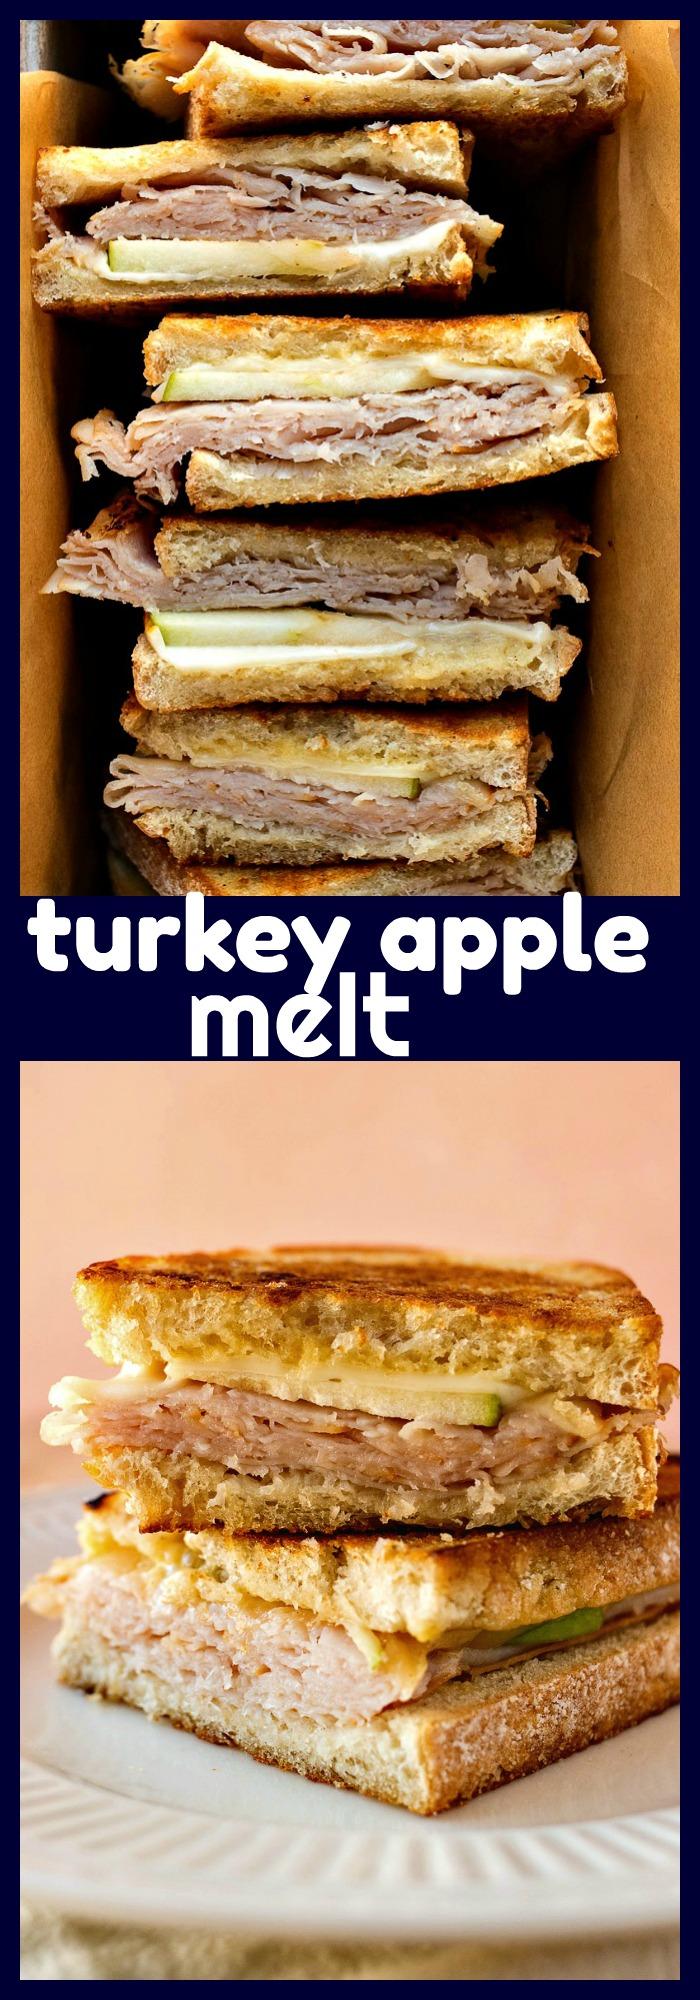 Turkey Apple Melt photo collage